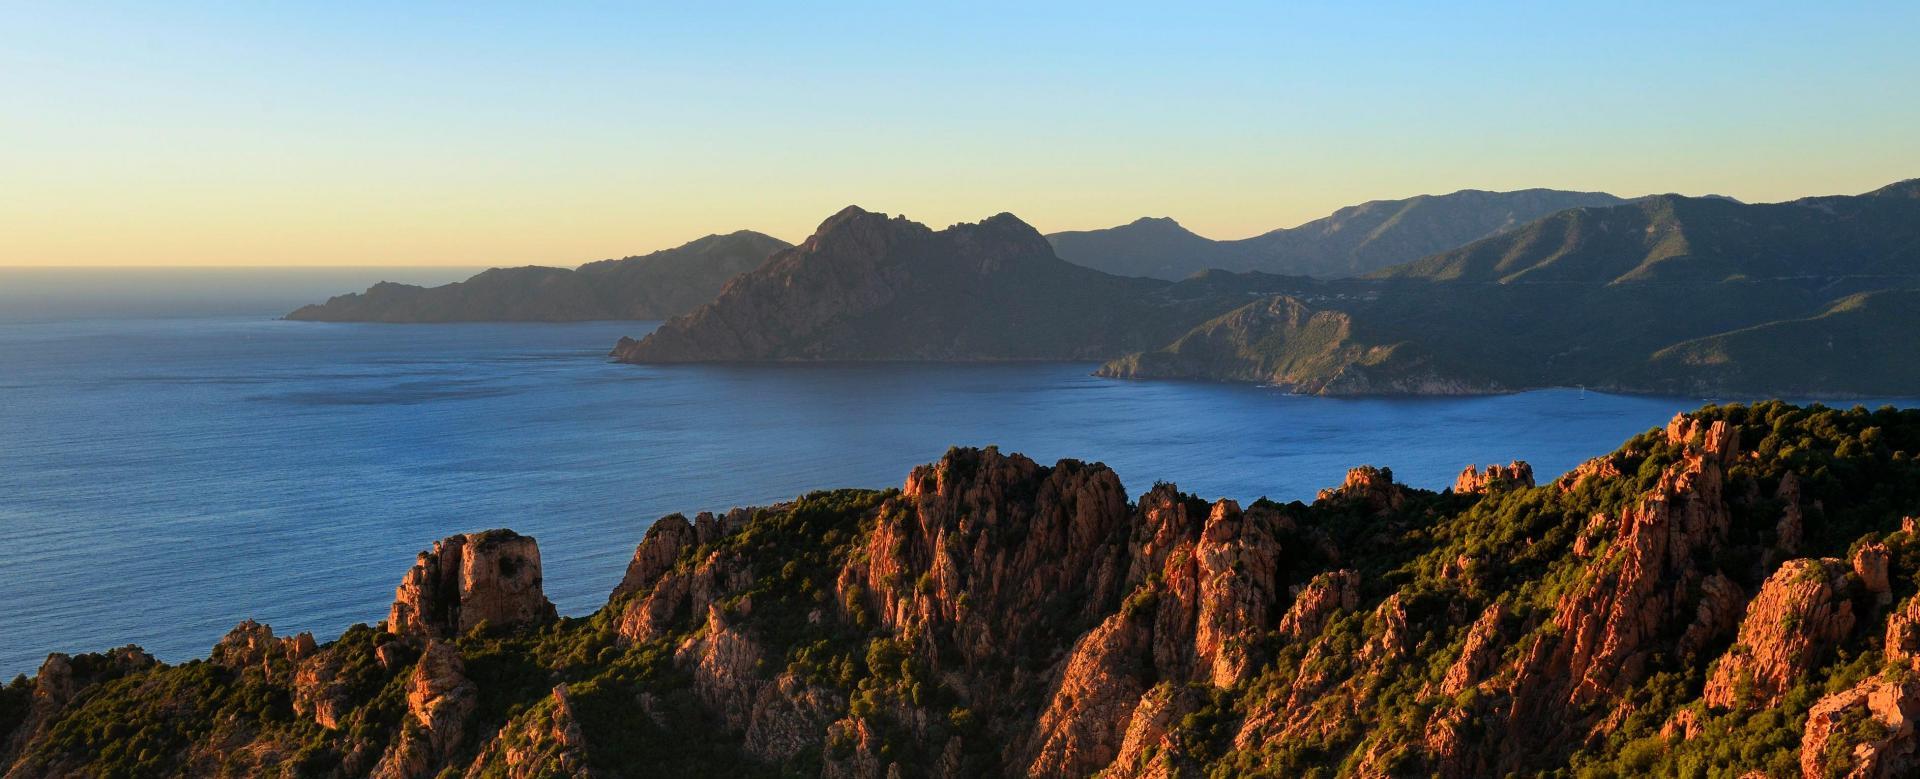 Voyage à pied : Corse : Mare e monti